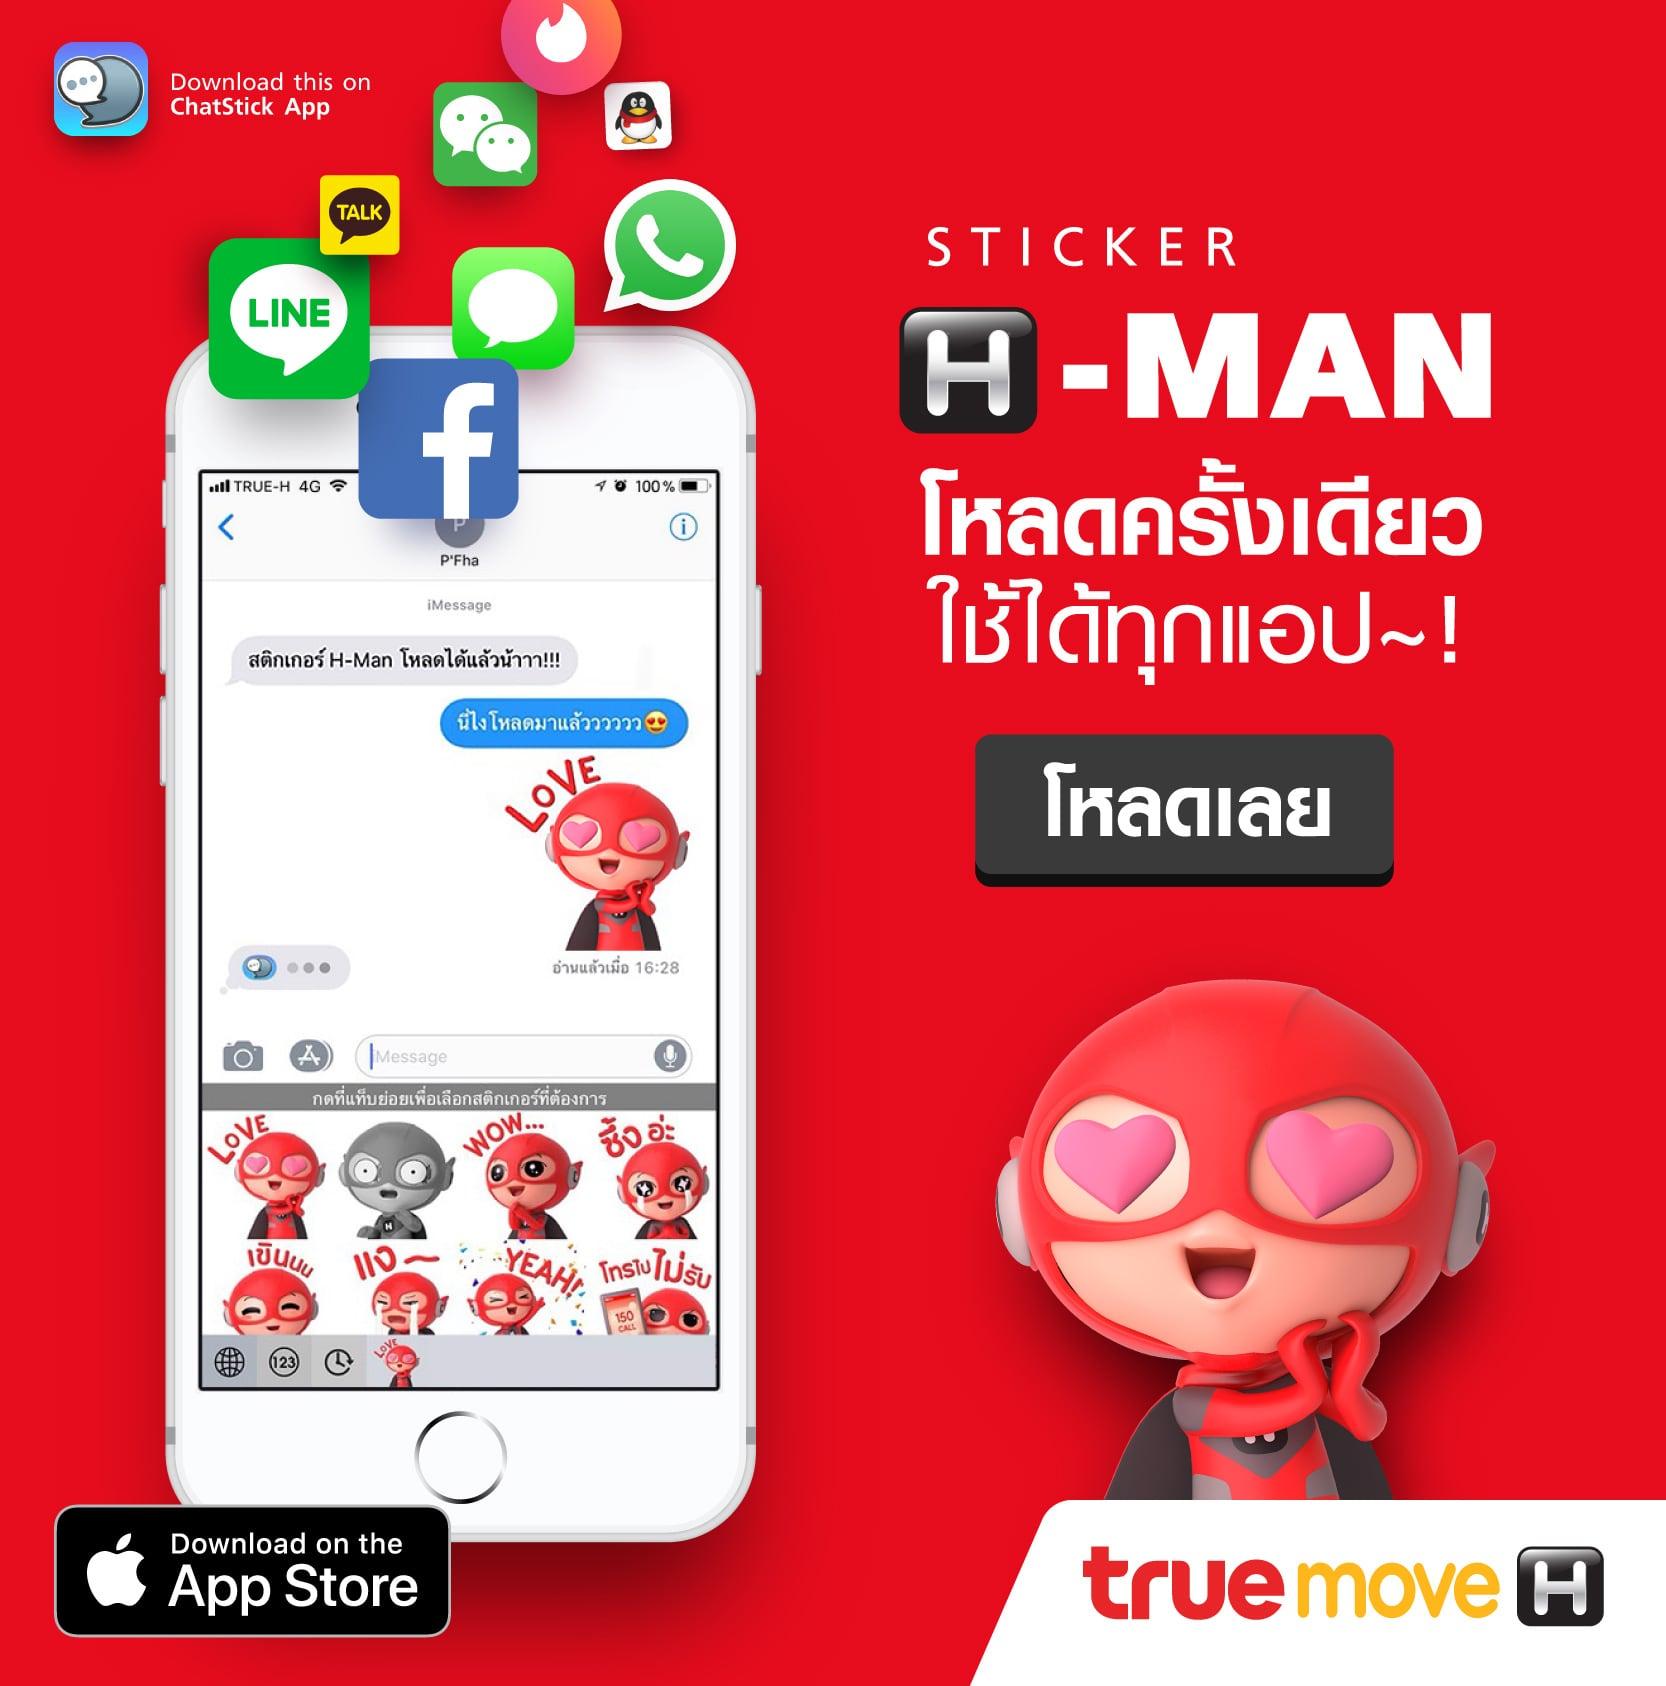 H Man Sticker Download Link